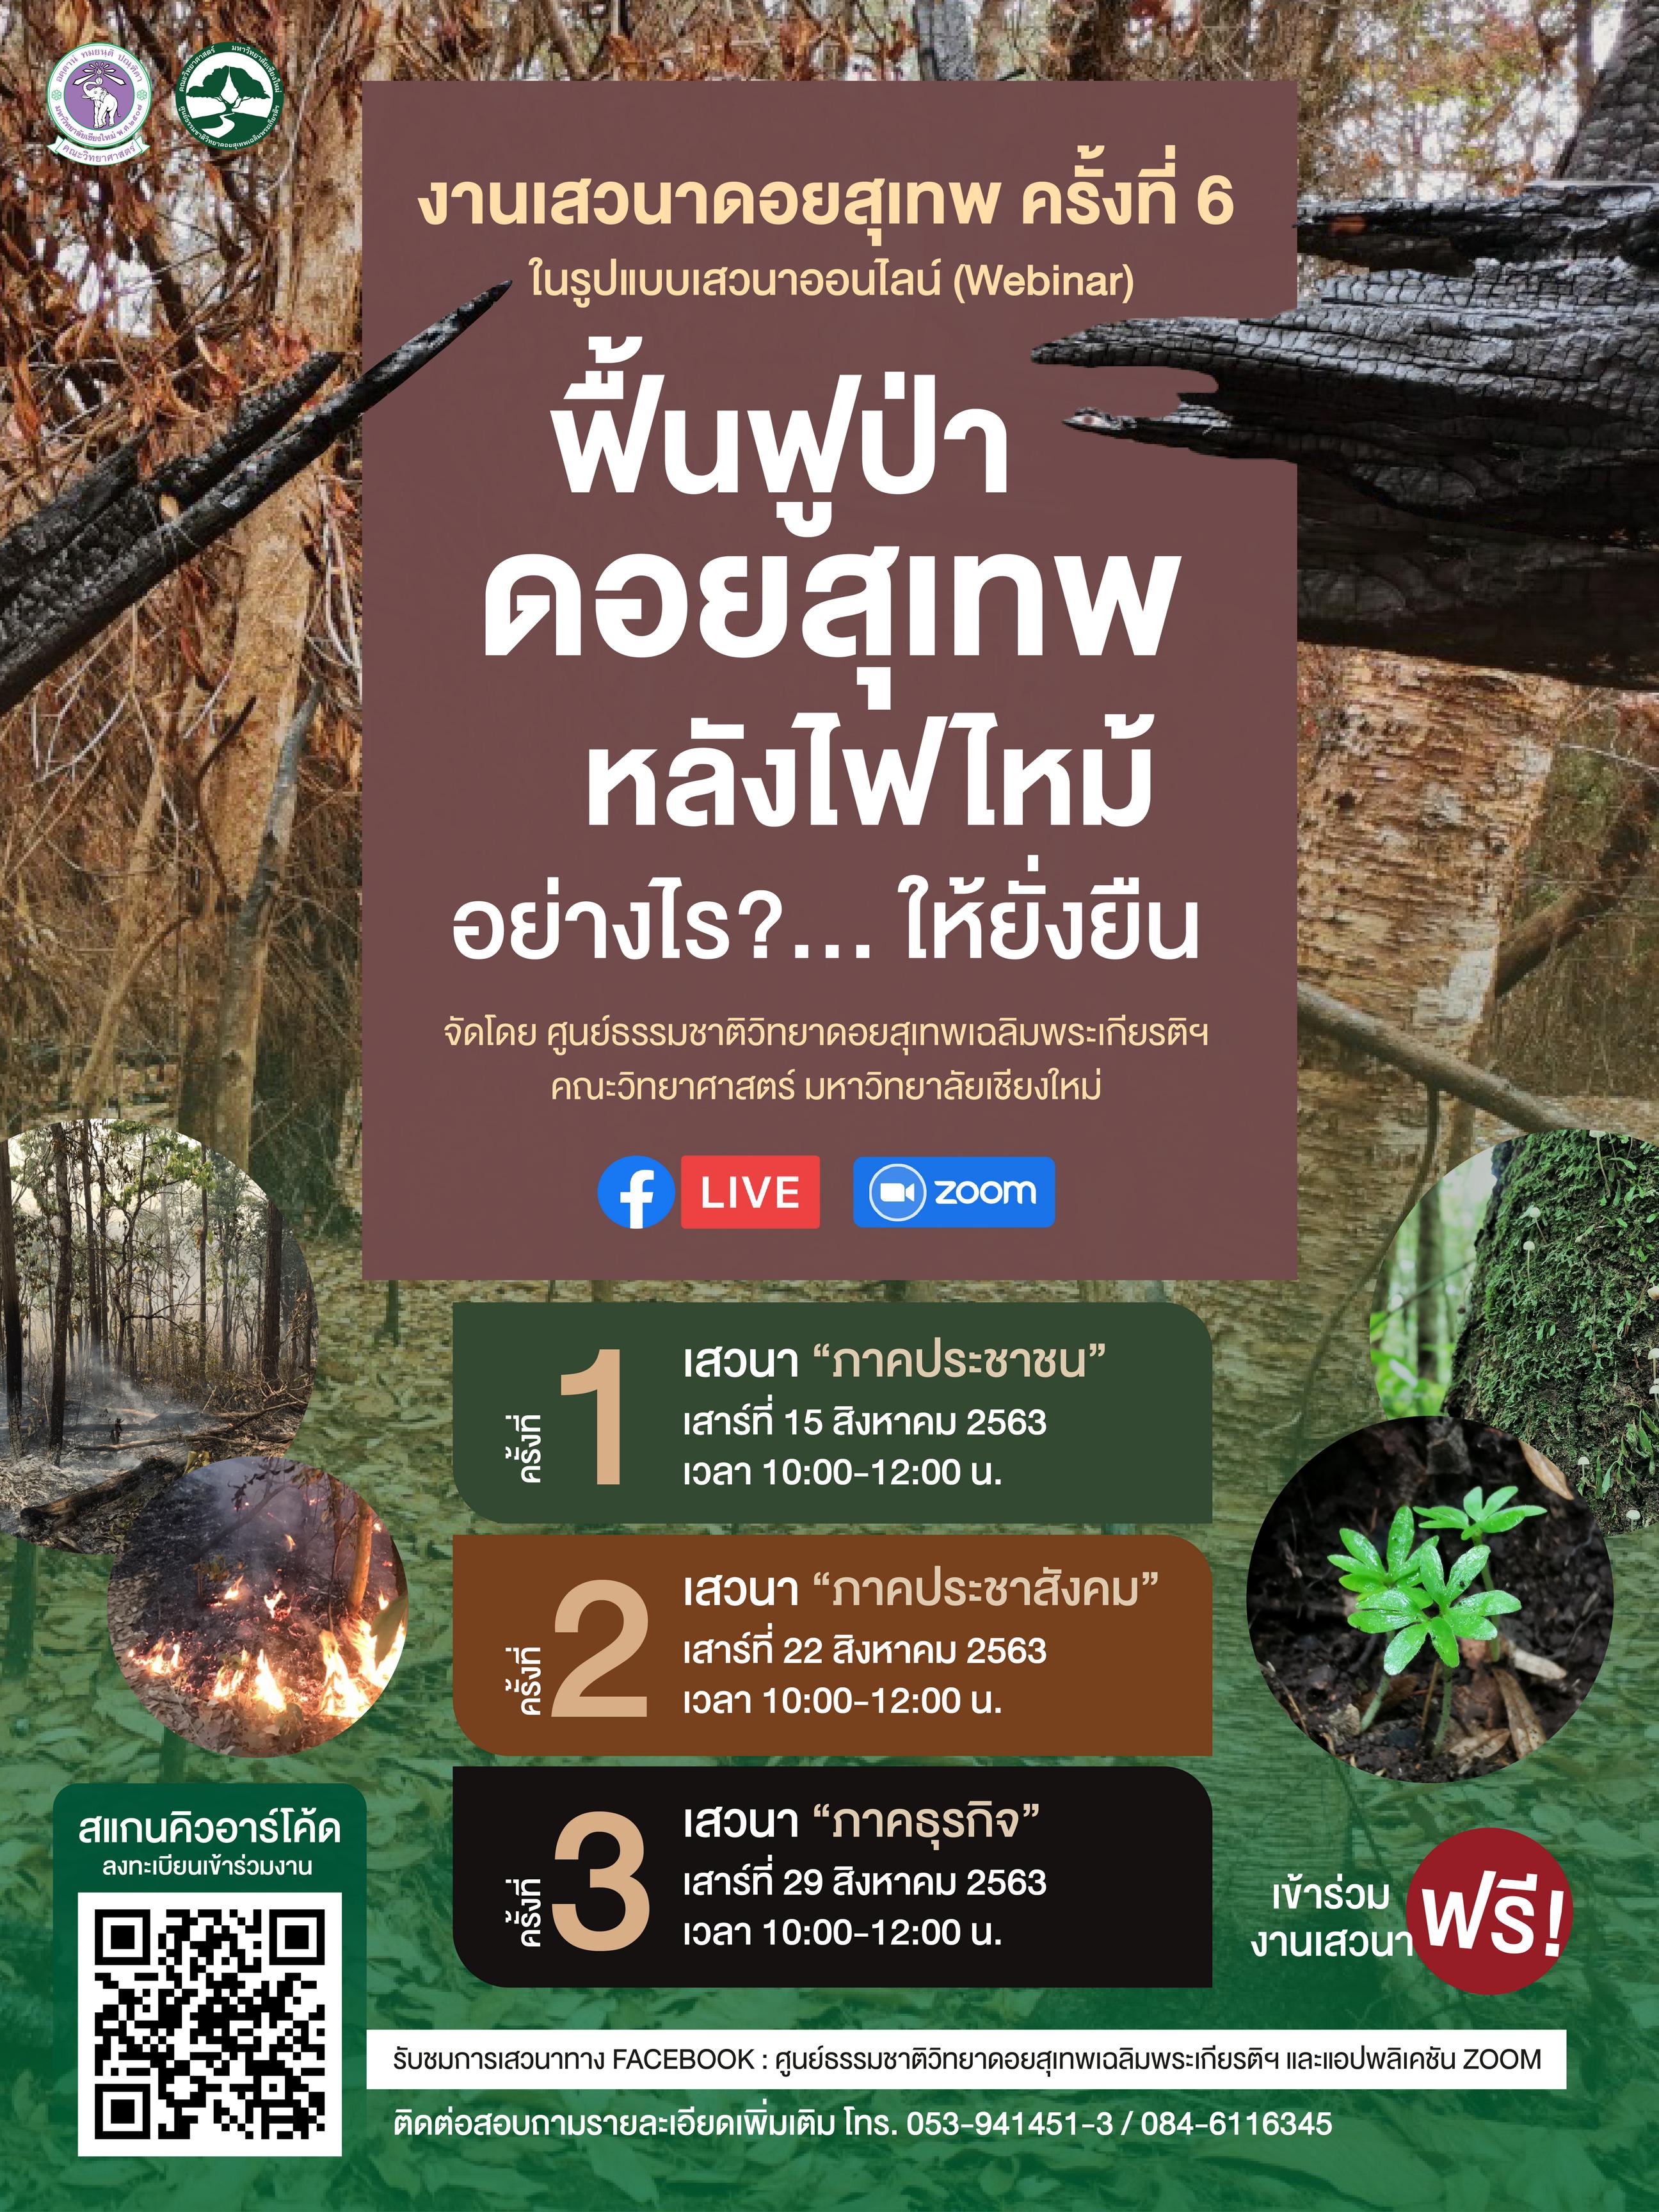 ฟื้นฟูป่าดอยสุเทพหลังไฟไหม้อย่างไรให้ยั่งยืน ร่วมหาคำตอบได้ในงานเสวนาดอยสุเทพ ครั้งที่ 6 รูปแบบออนไลน์